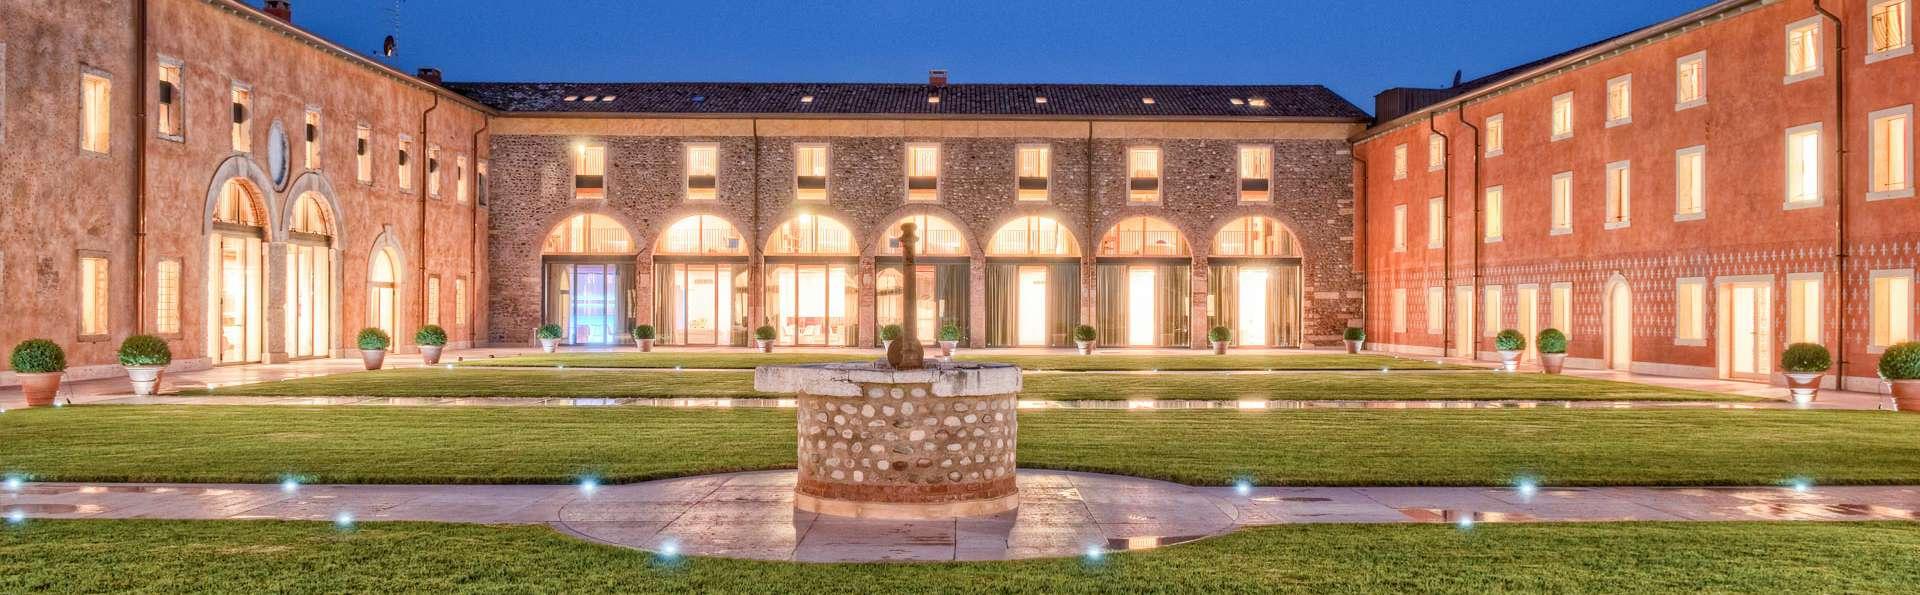 Hotel Veronesi La Torre - EDIT_FRONT_02.jpg